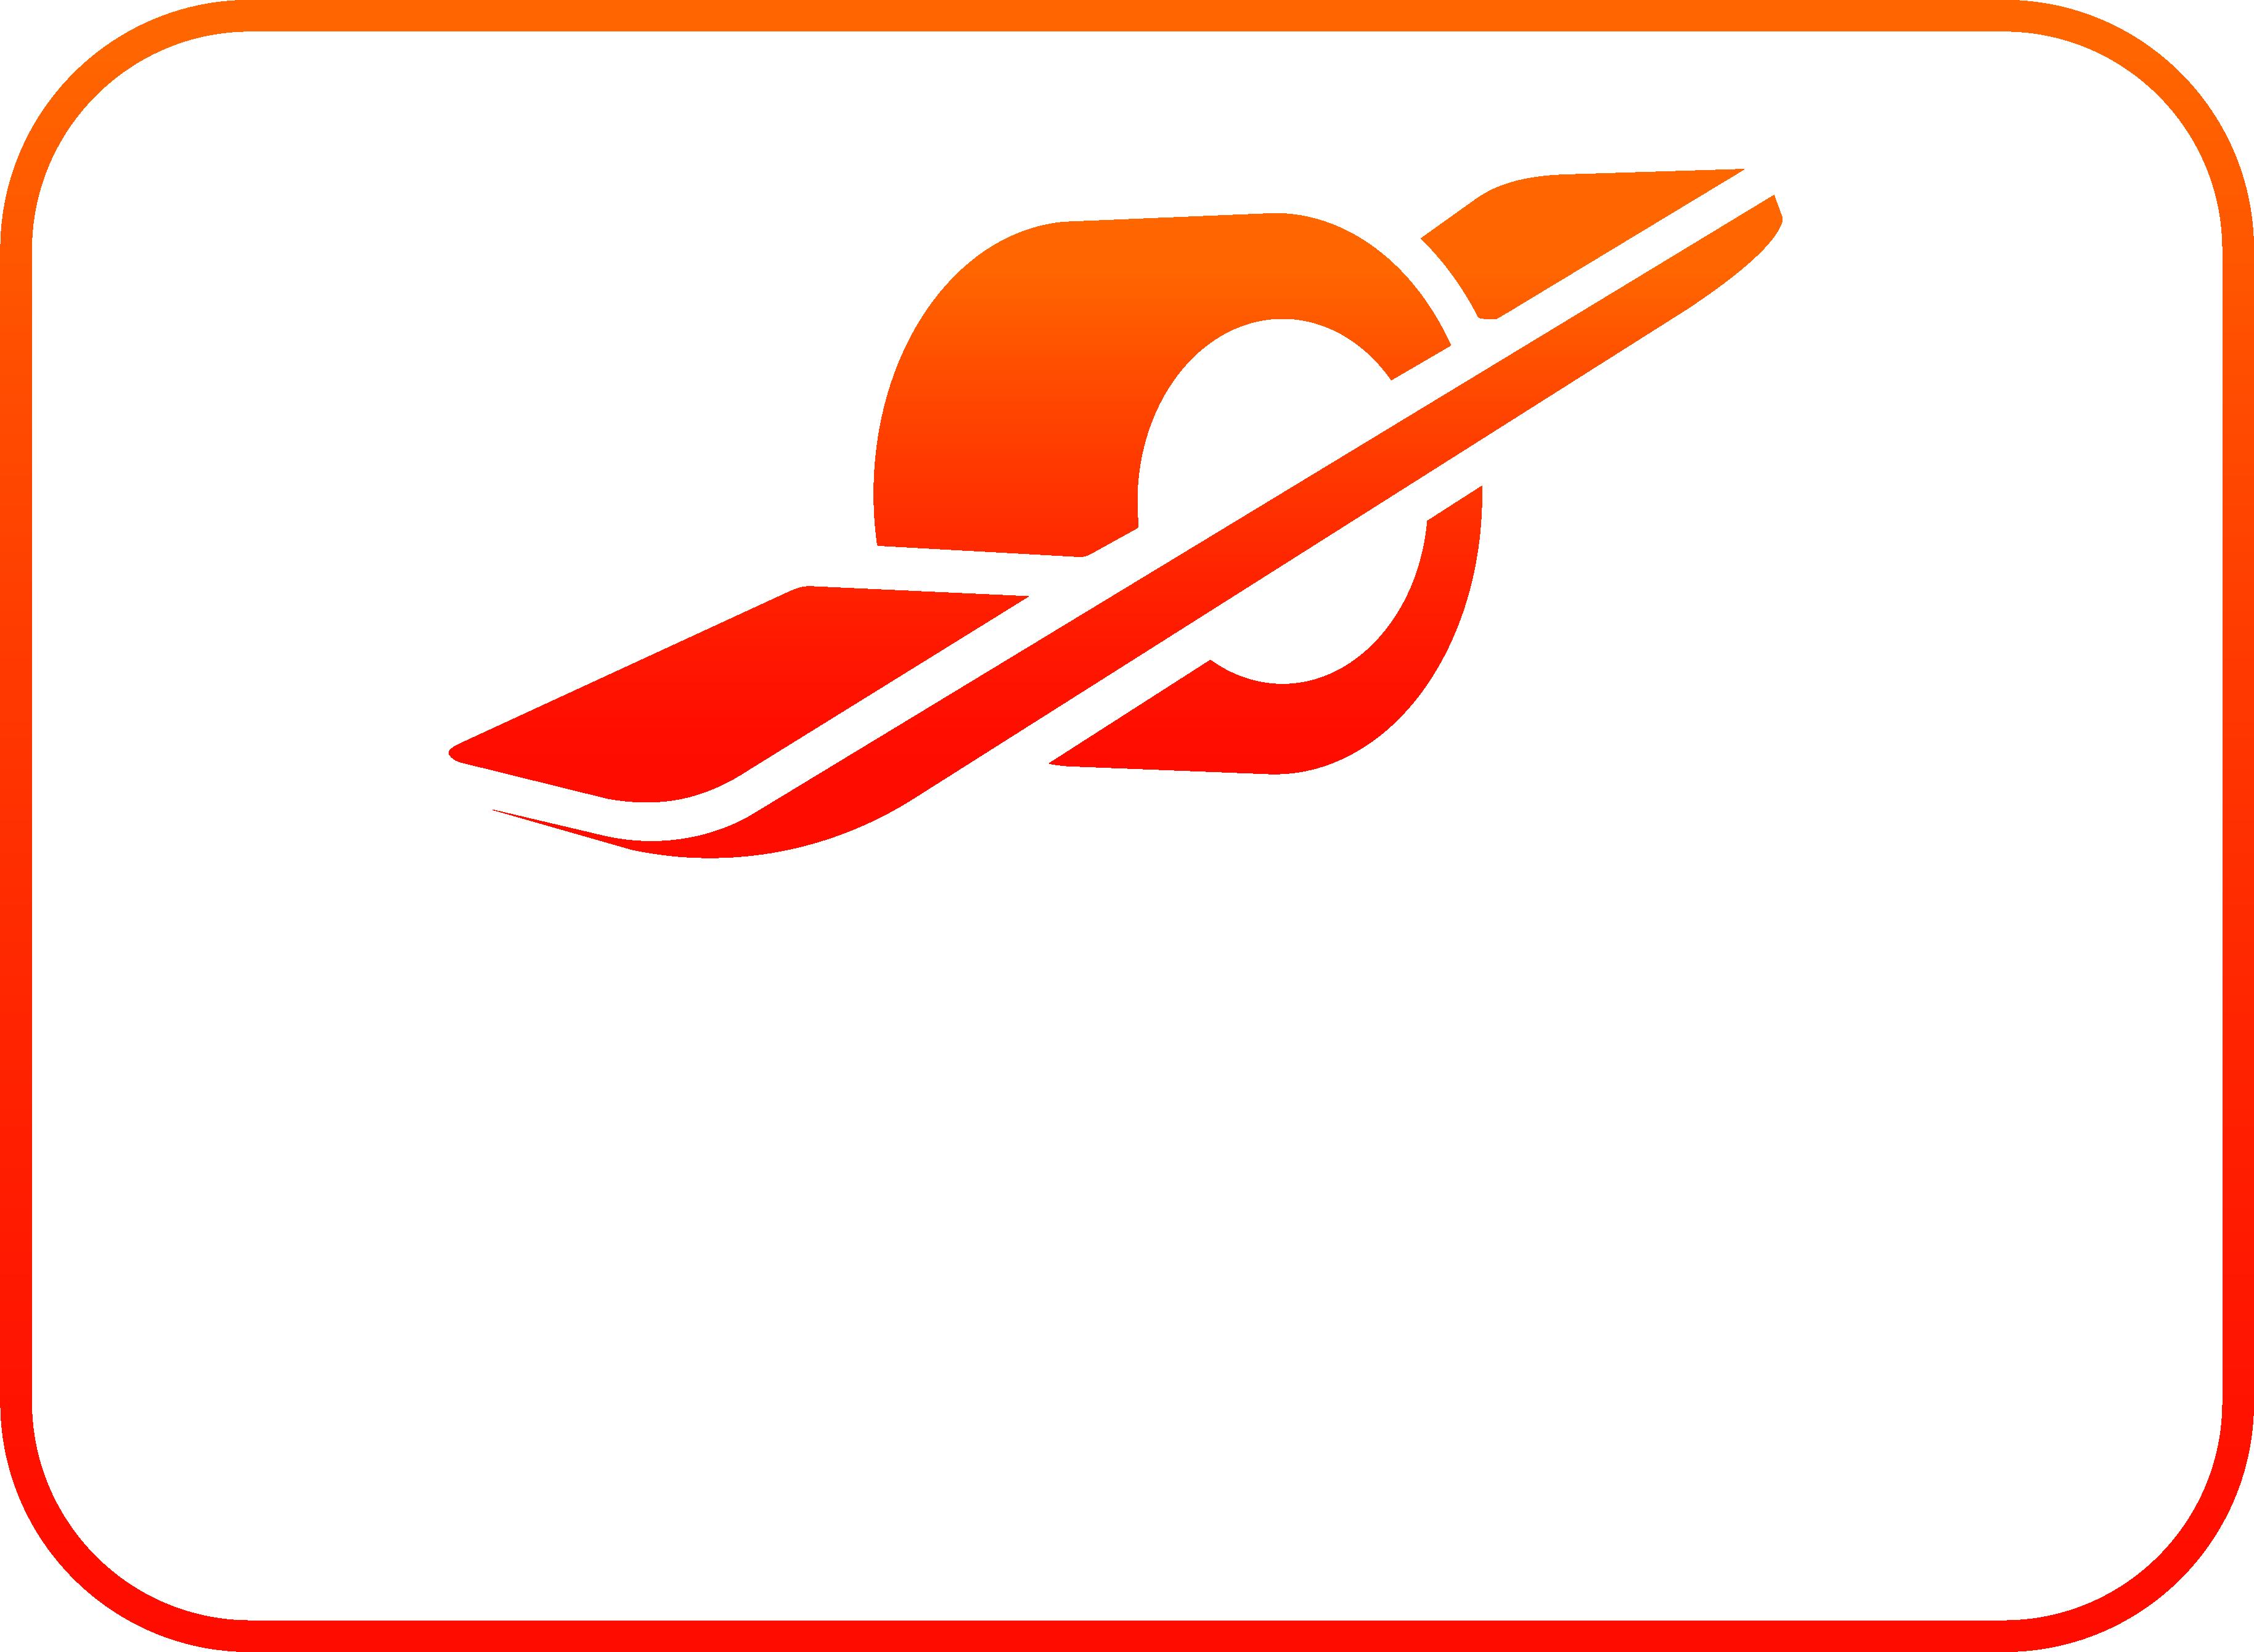 PRORIDE APPAREL